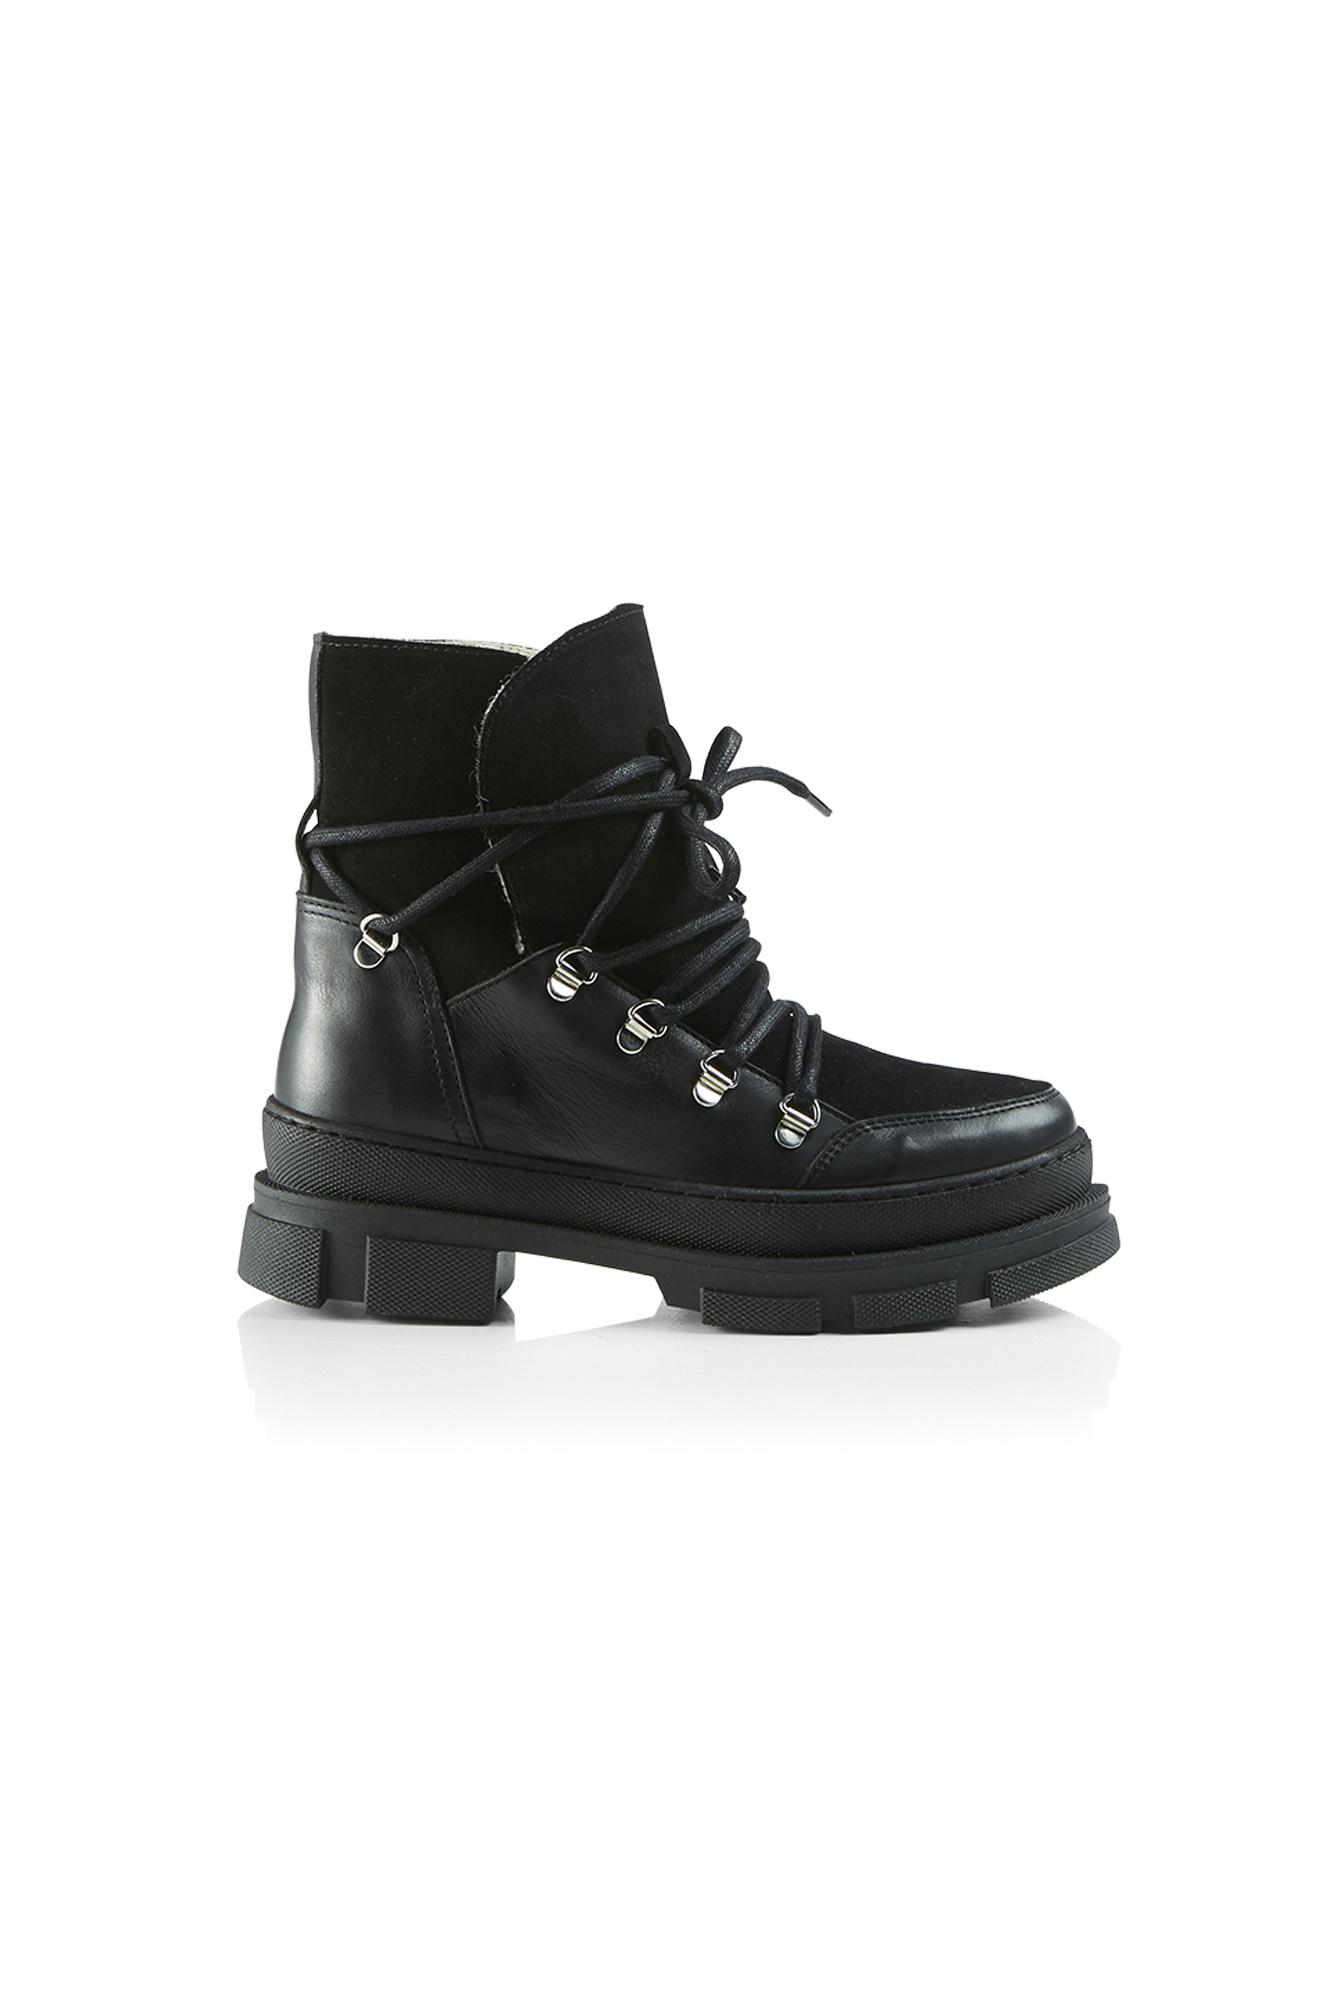 Kiara Wool Suede Boot - Black-1